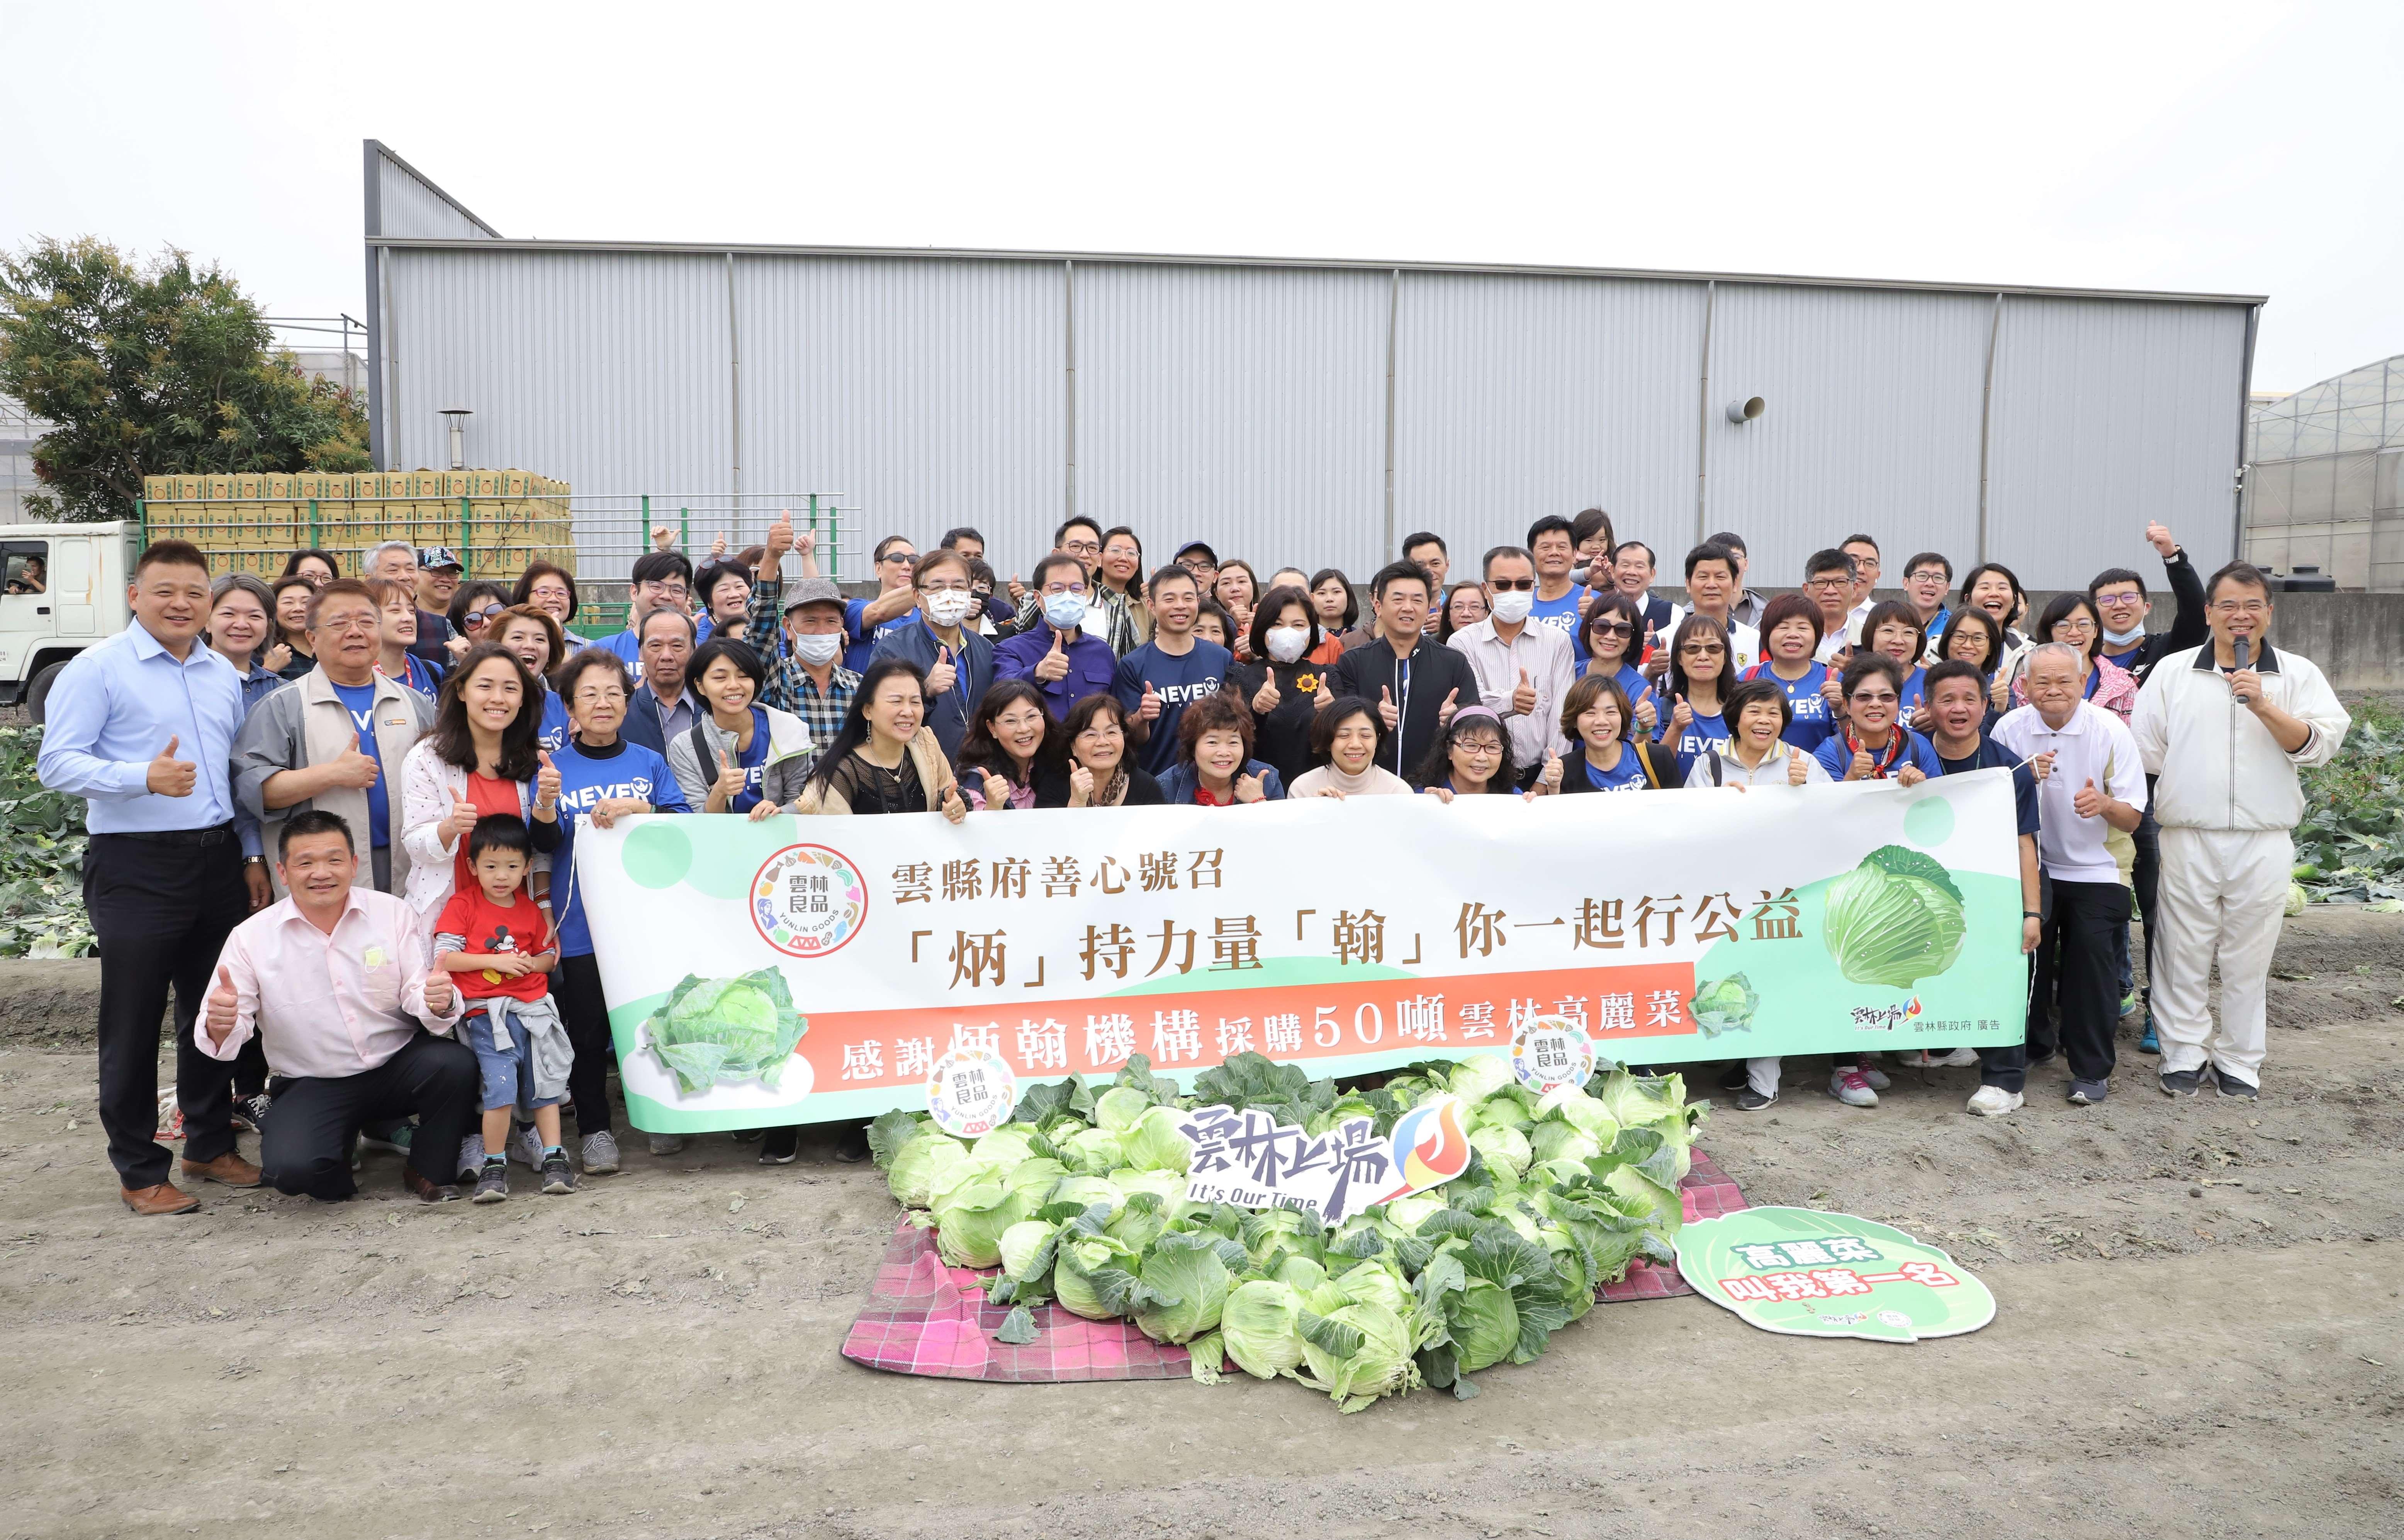 響應支持台灣農產 、散播愛心關懷弱勢,炳翰機構認購50公噸雲林高麗菜做公益。